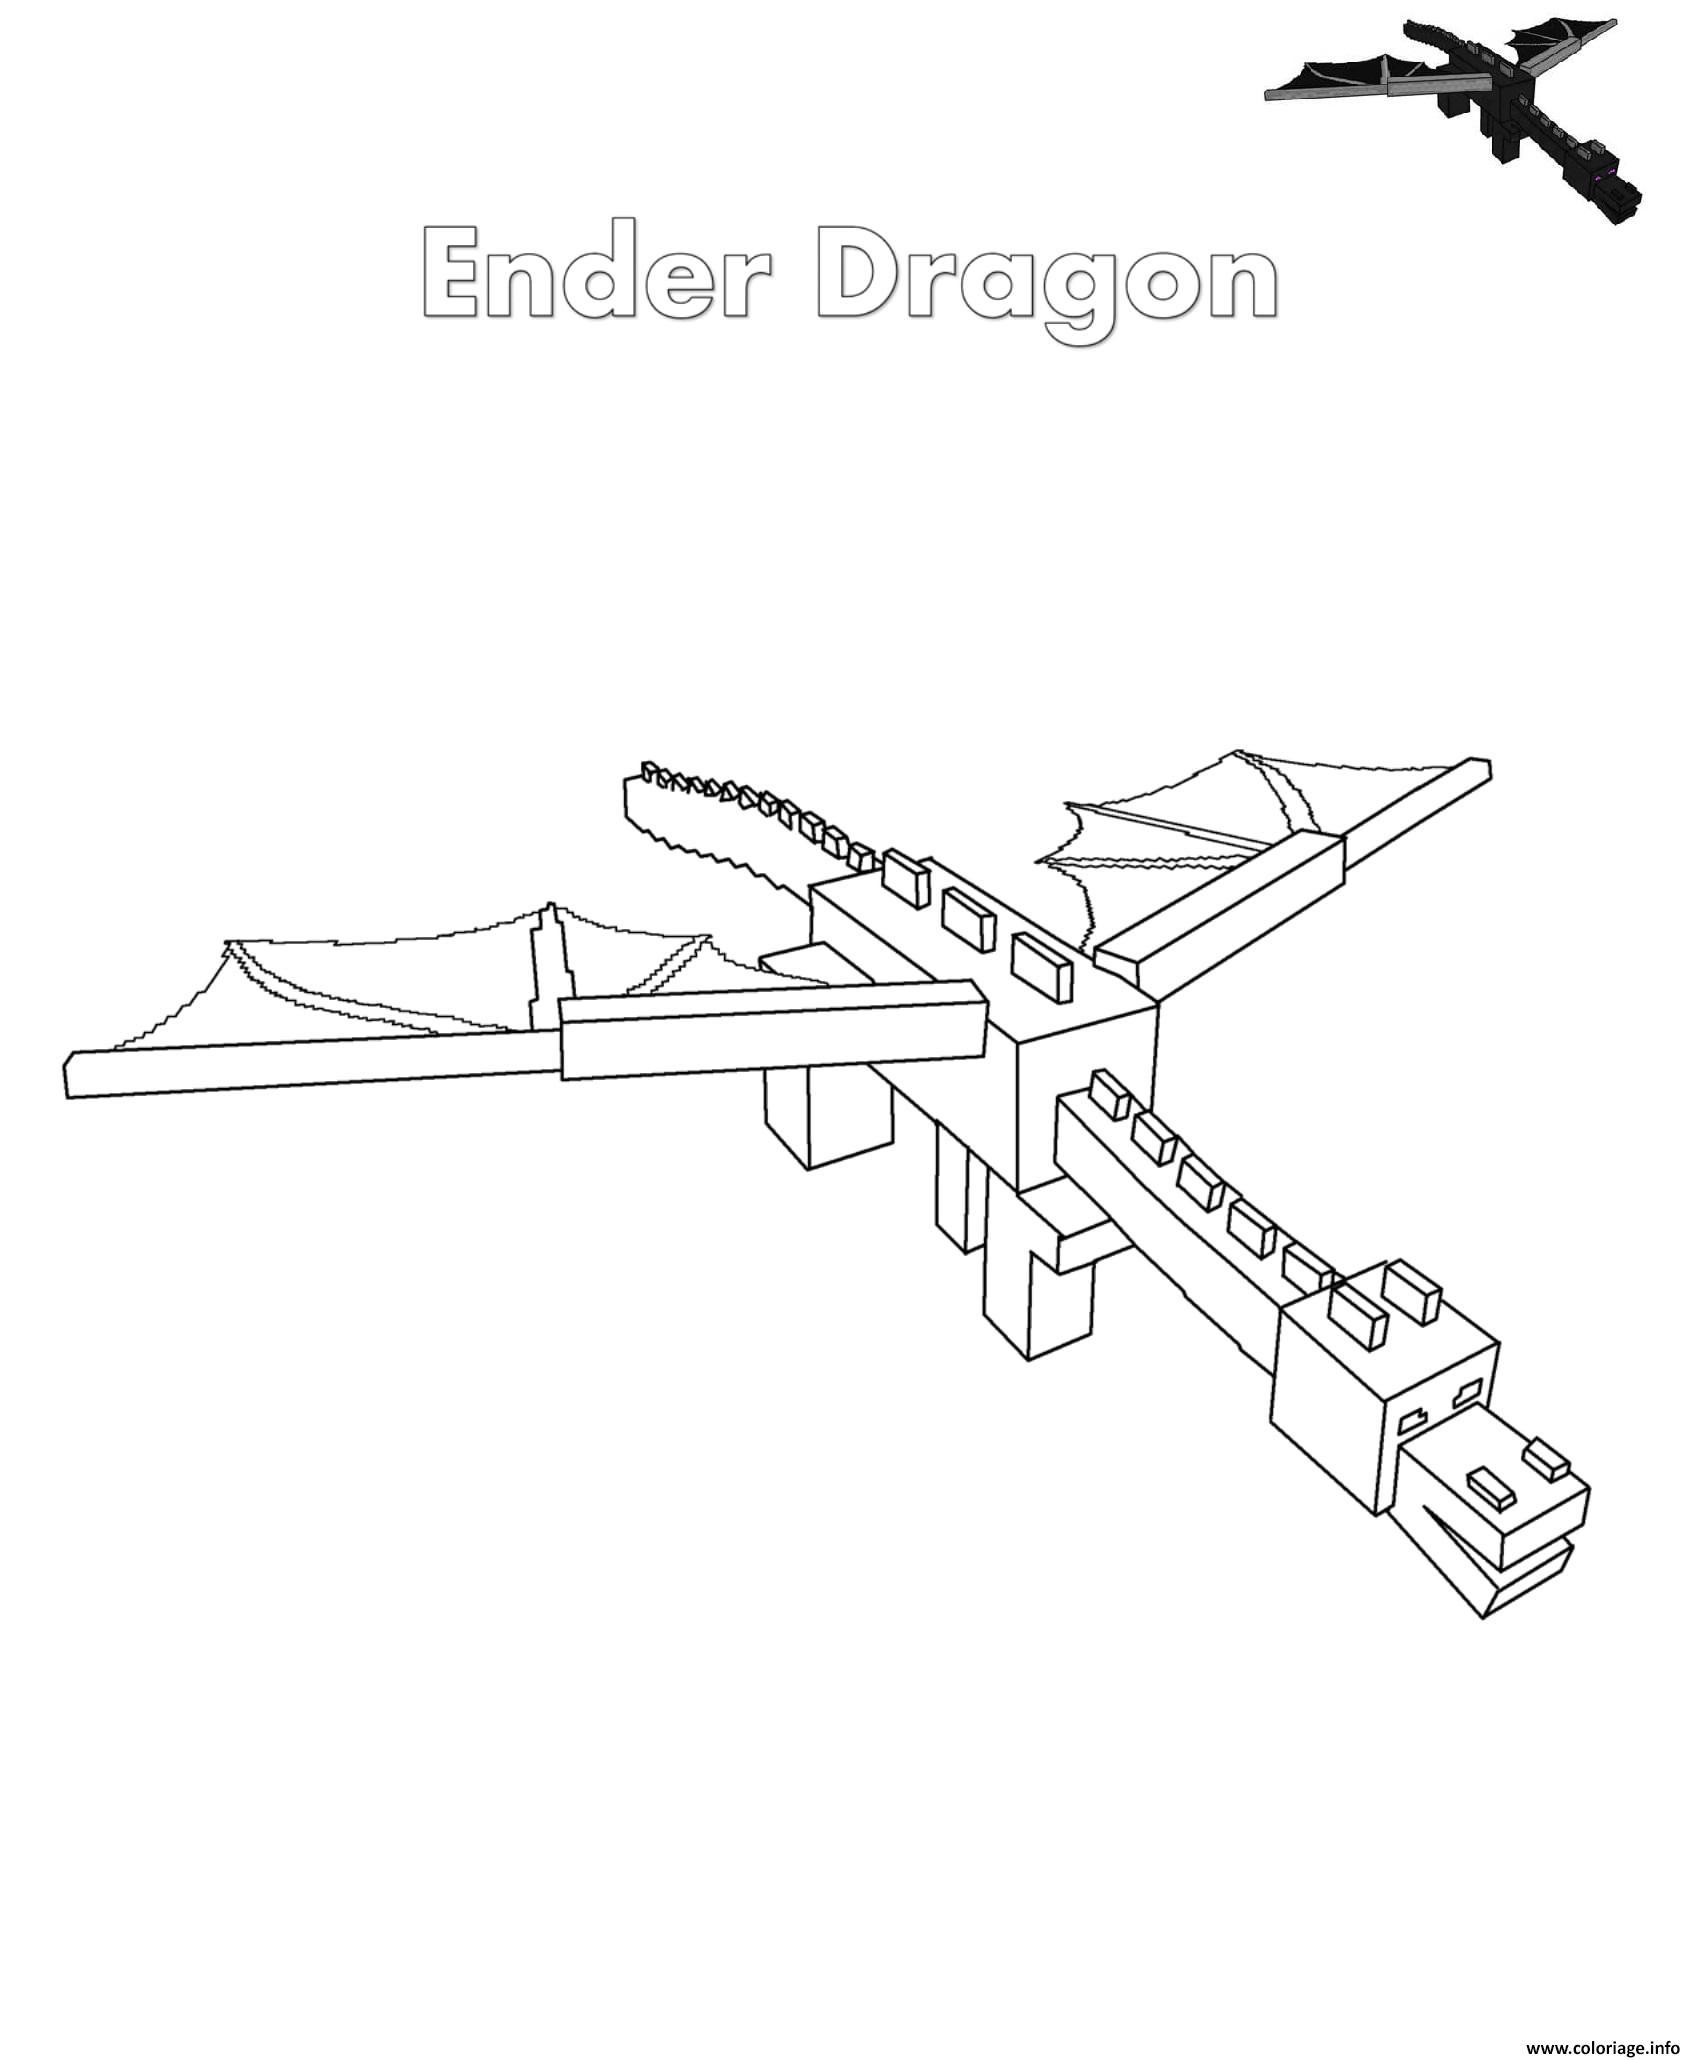 Dessin ender dragon minecraft Coloriage Gratuit à Imprimer